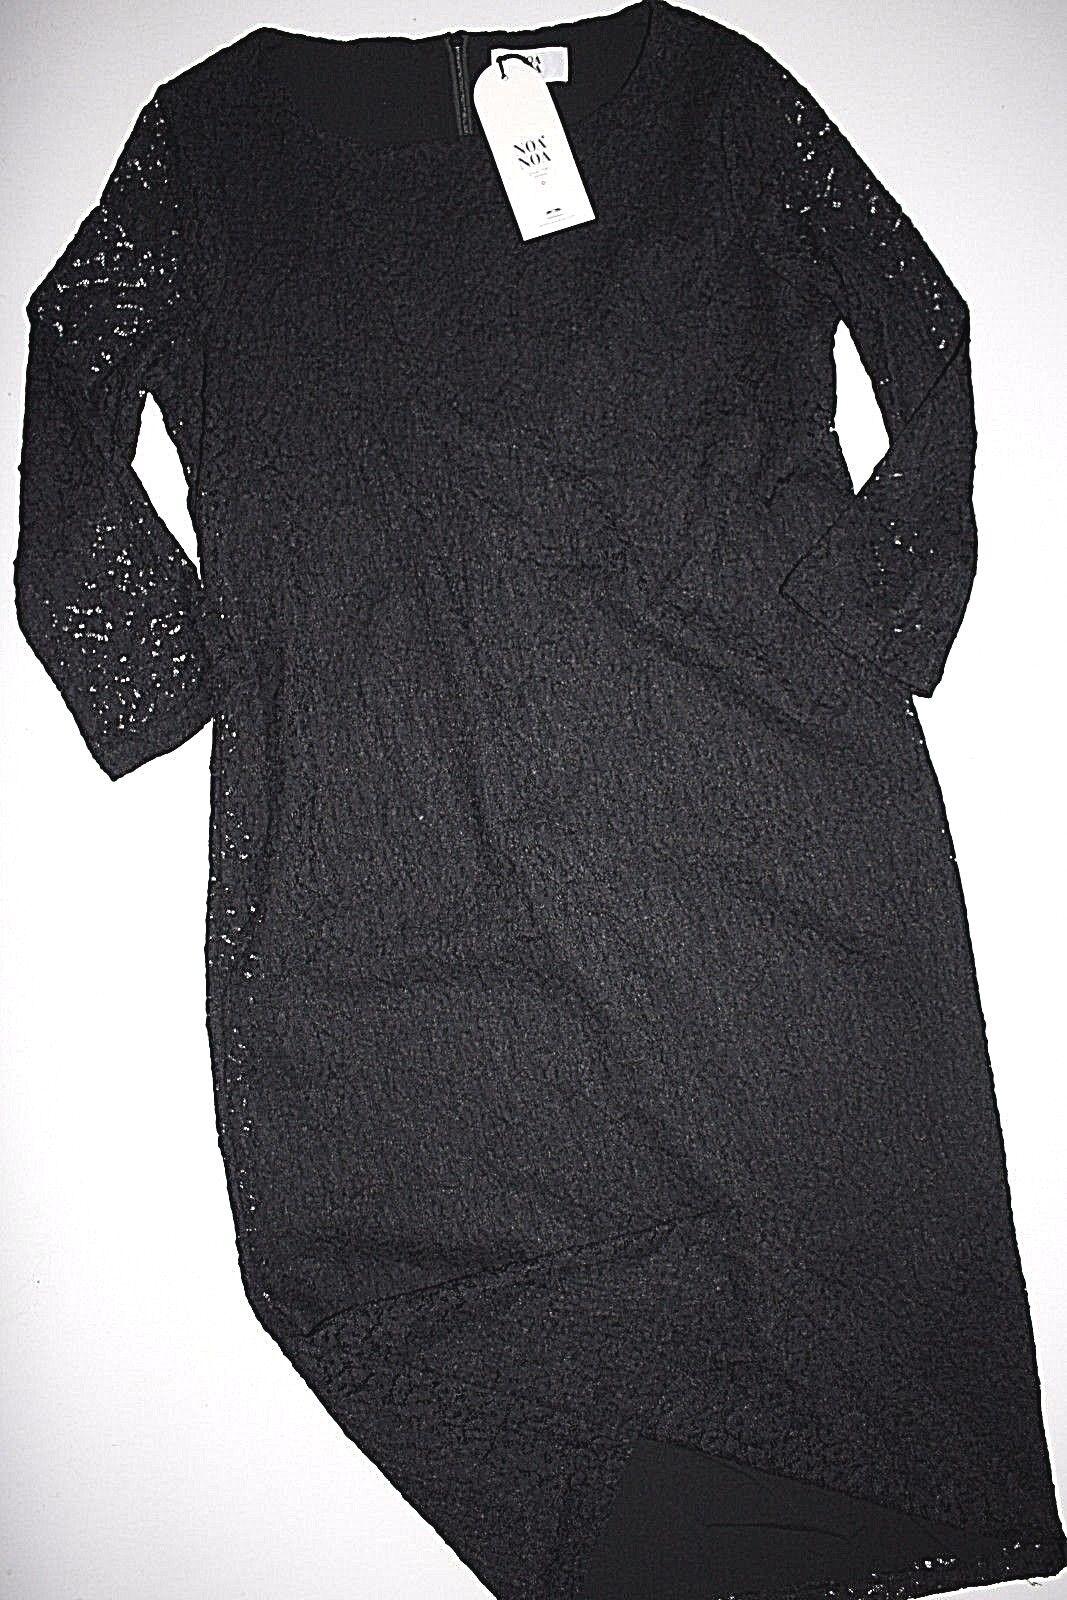 Noa NOA abito ASTUCCIO ASTUCCIO ASTUCCIO Dress Lace Mesh nero Punta Dimensione  34 NUOVO fc1ff5